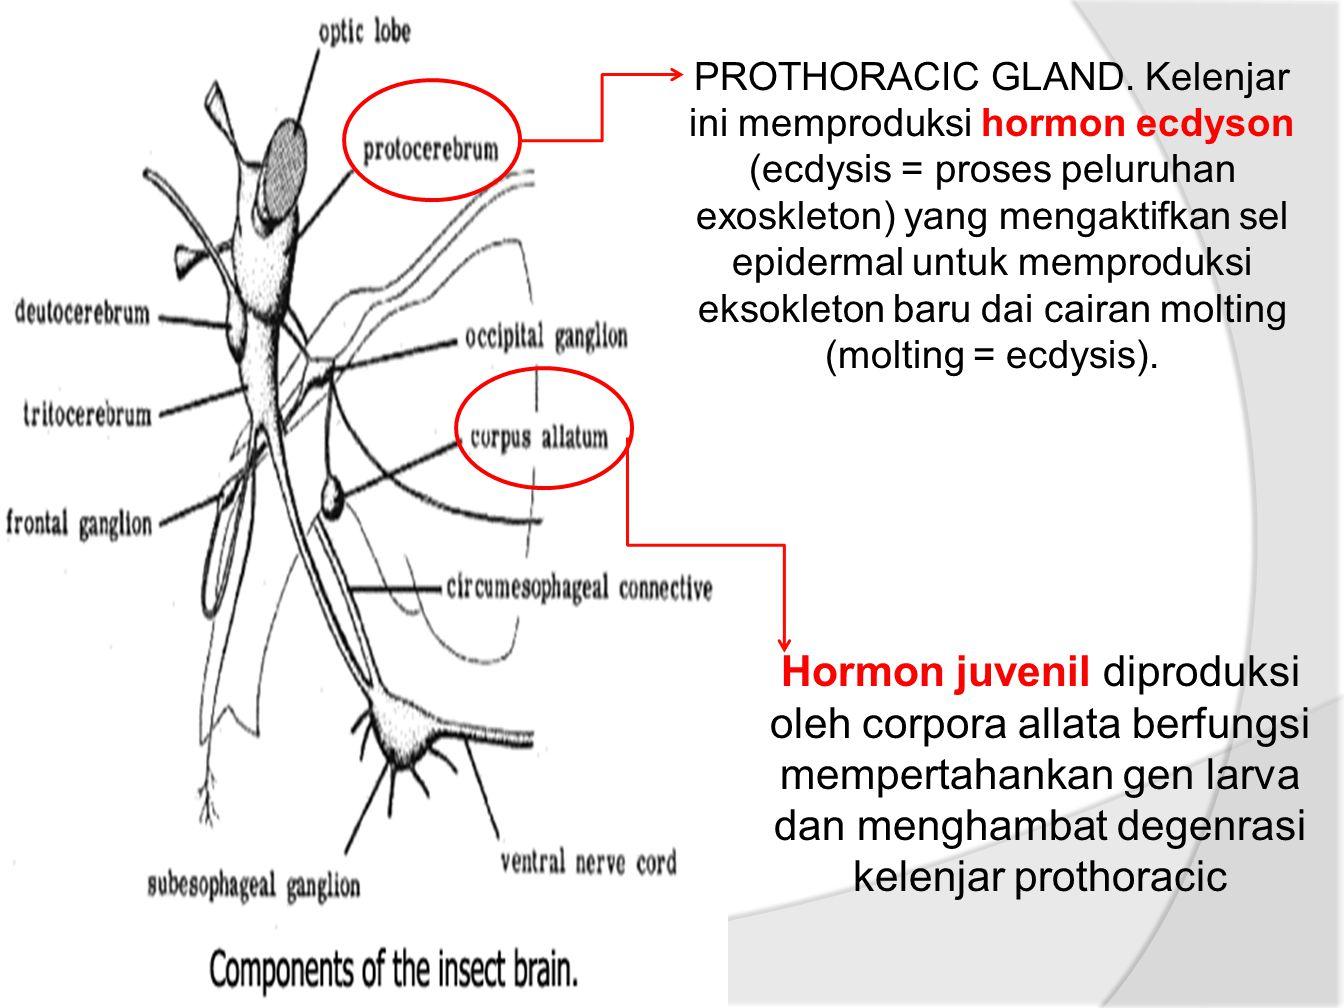 PROTHORACIC GLAND. Kelenjar ini memproduksi hormon ecdyson (ecdysis = proses peluruhan exoskleton) yang mengaktifkan sel epidermal untuk memproduksi eksokleton baru dai cairan molting (molting = ecdysis).